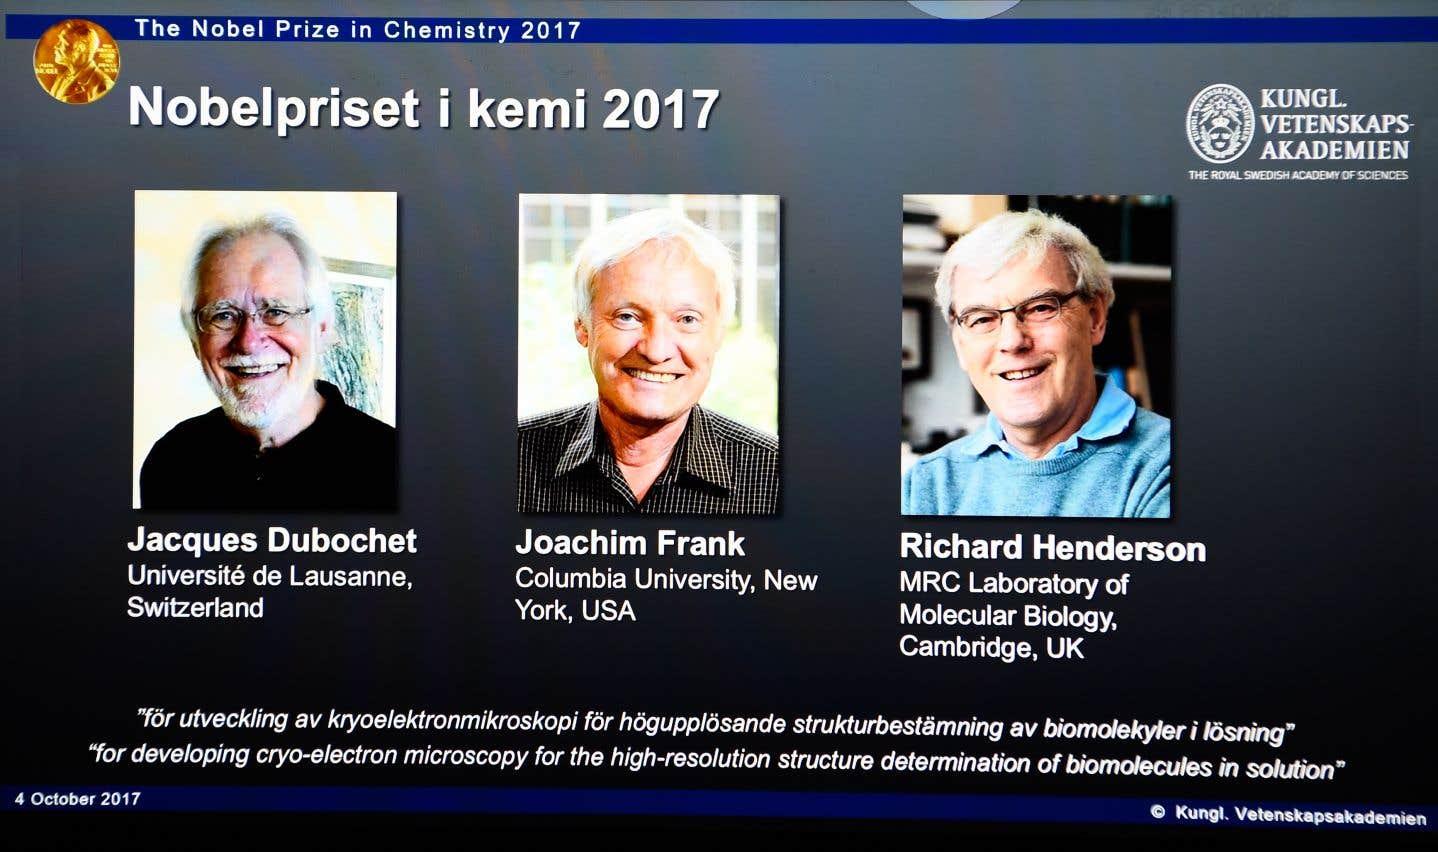 Les récipiendaires sont Jacques Dubochet, de Suisse, Joachim Frank, des États-Unis, et Richard Henderson, du Royaume-Uni.